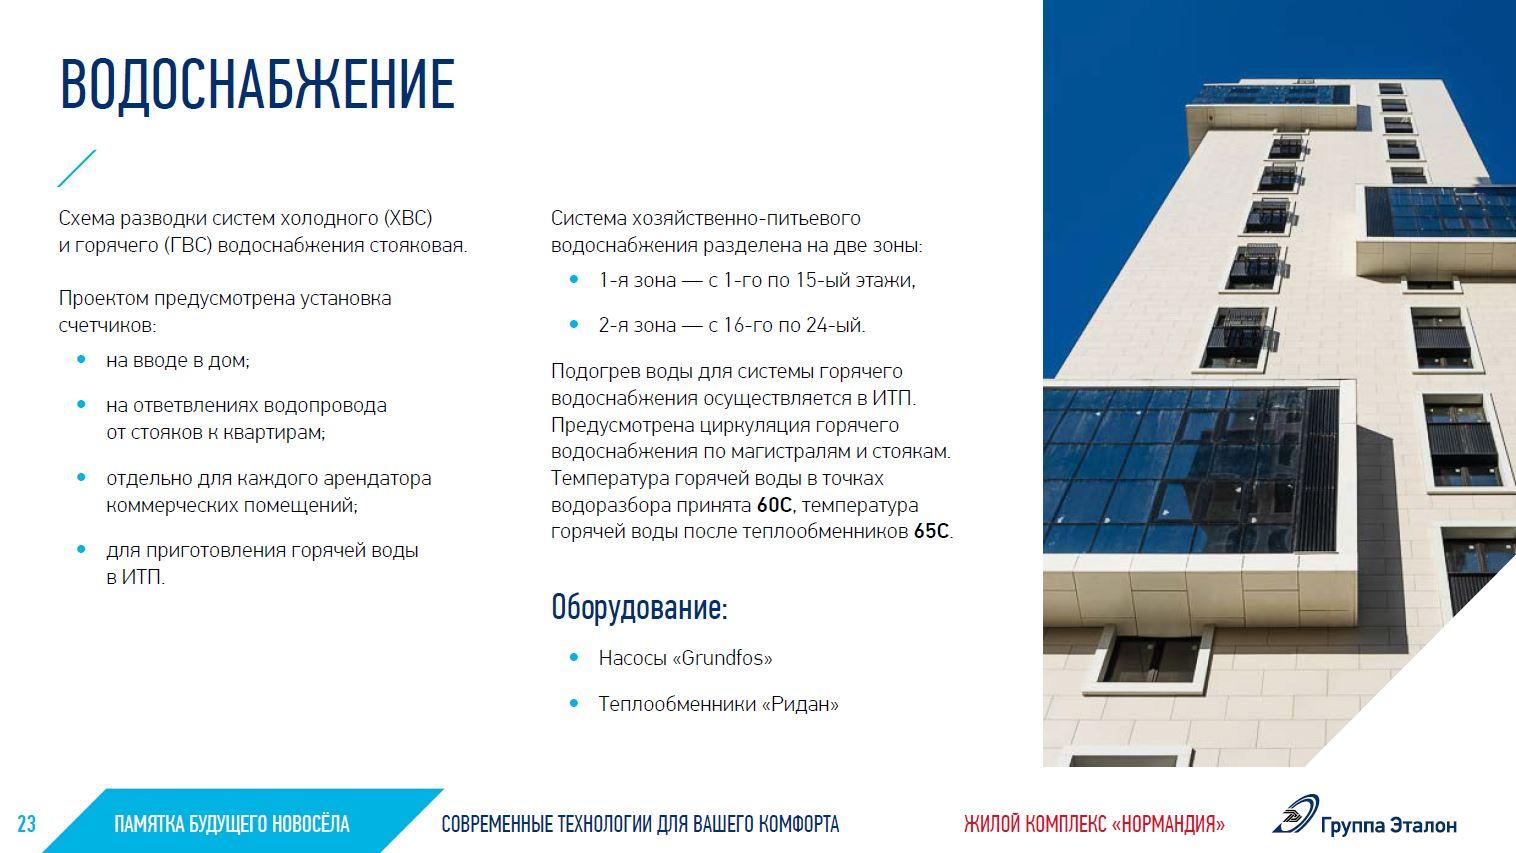 """Инженерия ЖК """"Нормандия"""": лифты, вентиляция, противопожарная система, электроснабжение и электрооборудование, отопление, водоснабжение, безопасность  609Y0yKx-Sg"""